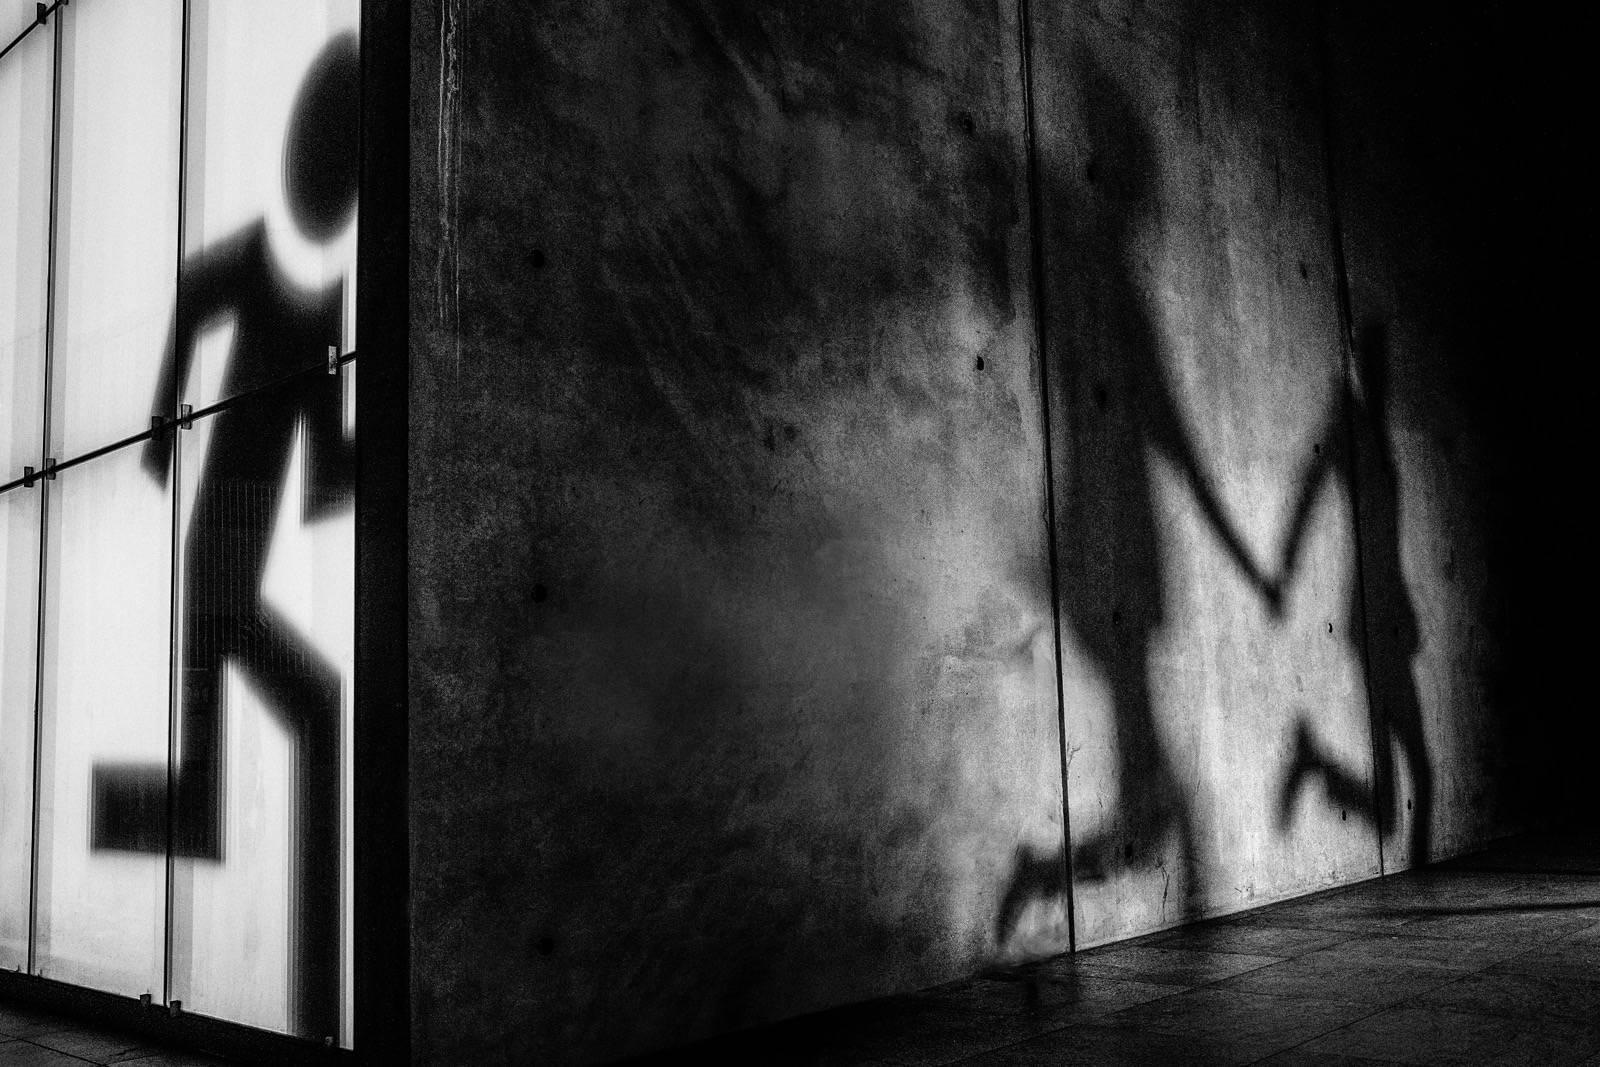 Yves Schepers Photography - Fotograaf - Huwelijksfotograaf - Trouwfotograaf - Bruidsfotograaf - House of Weddings - 14